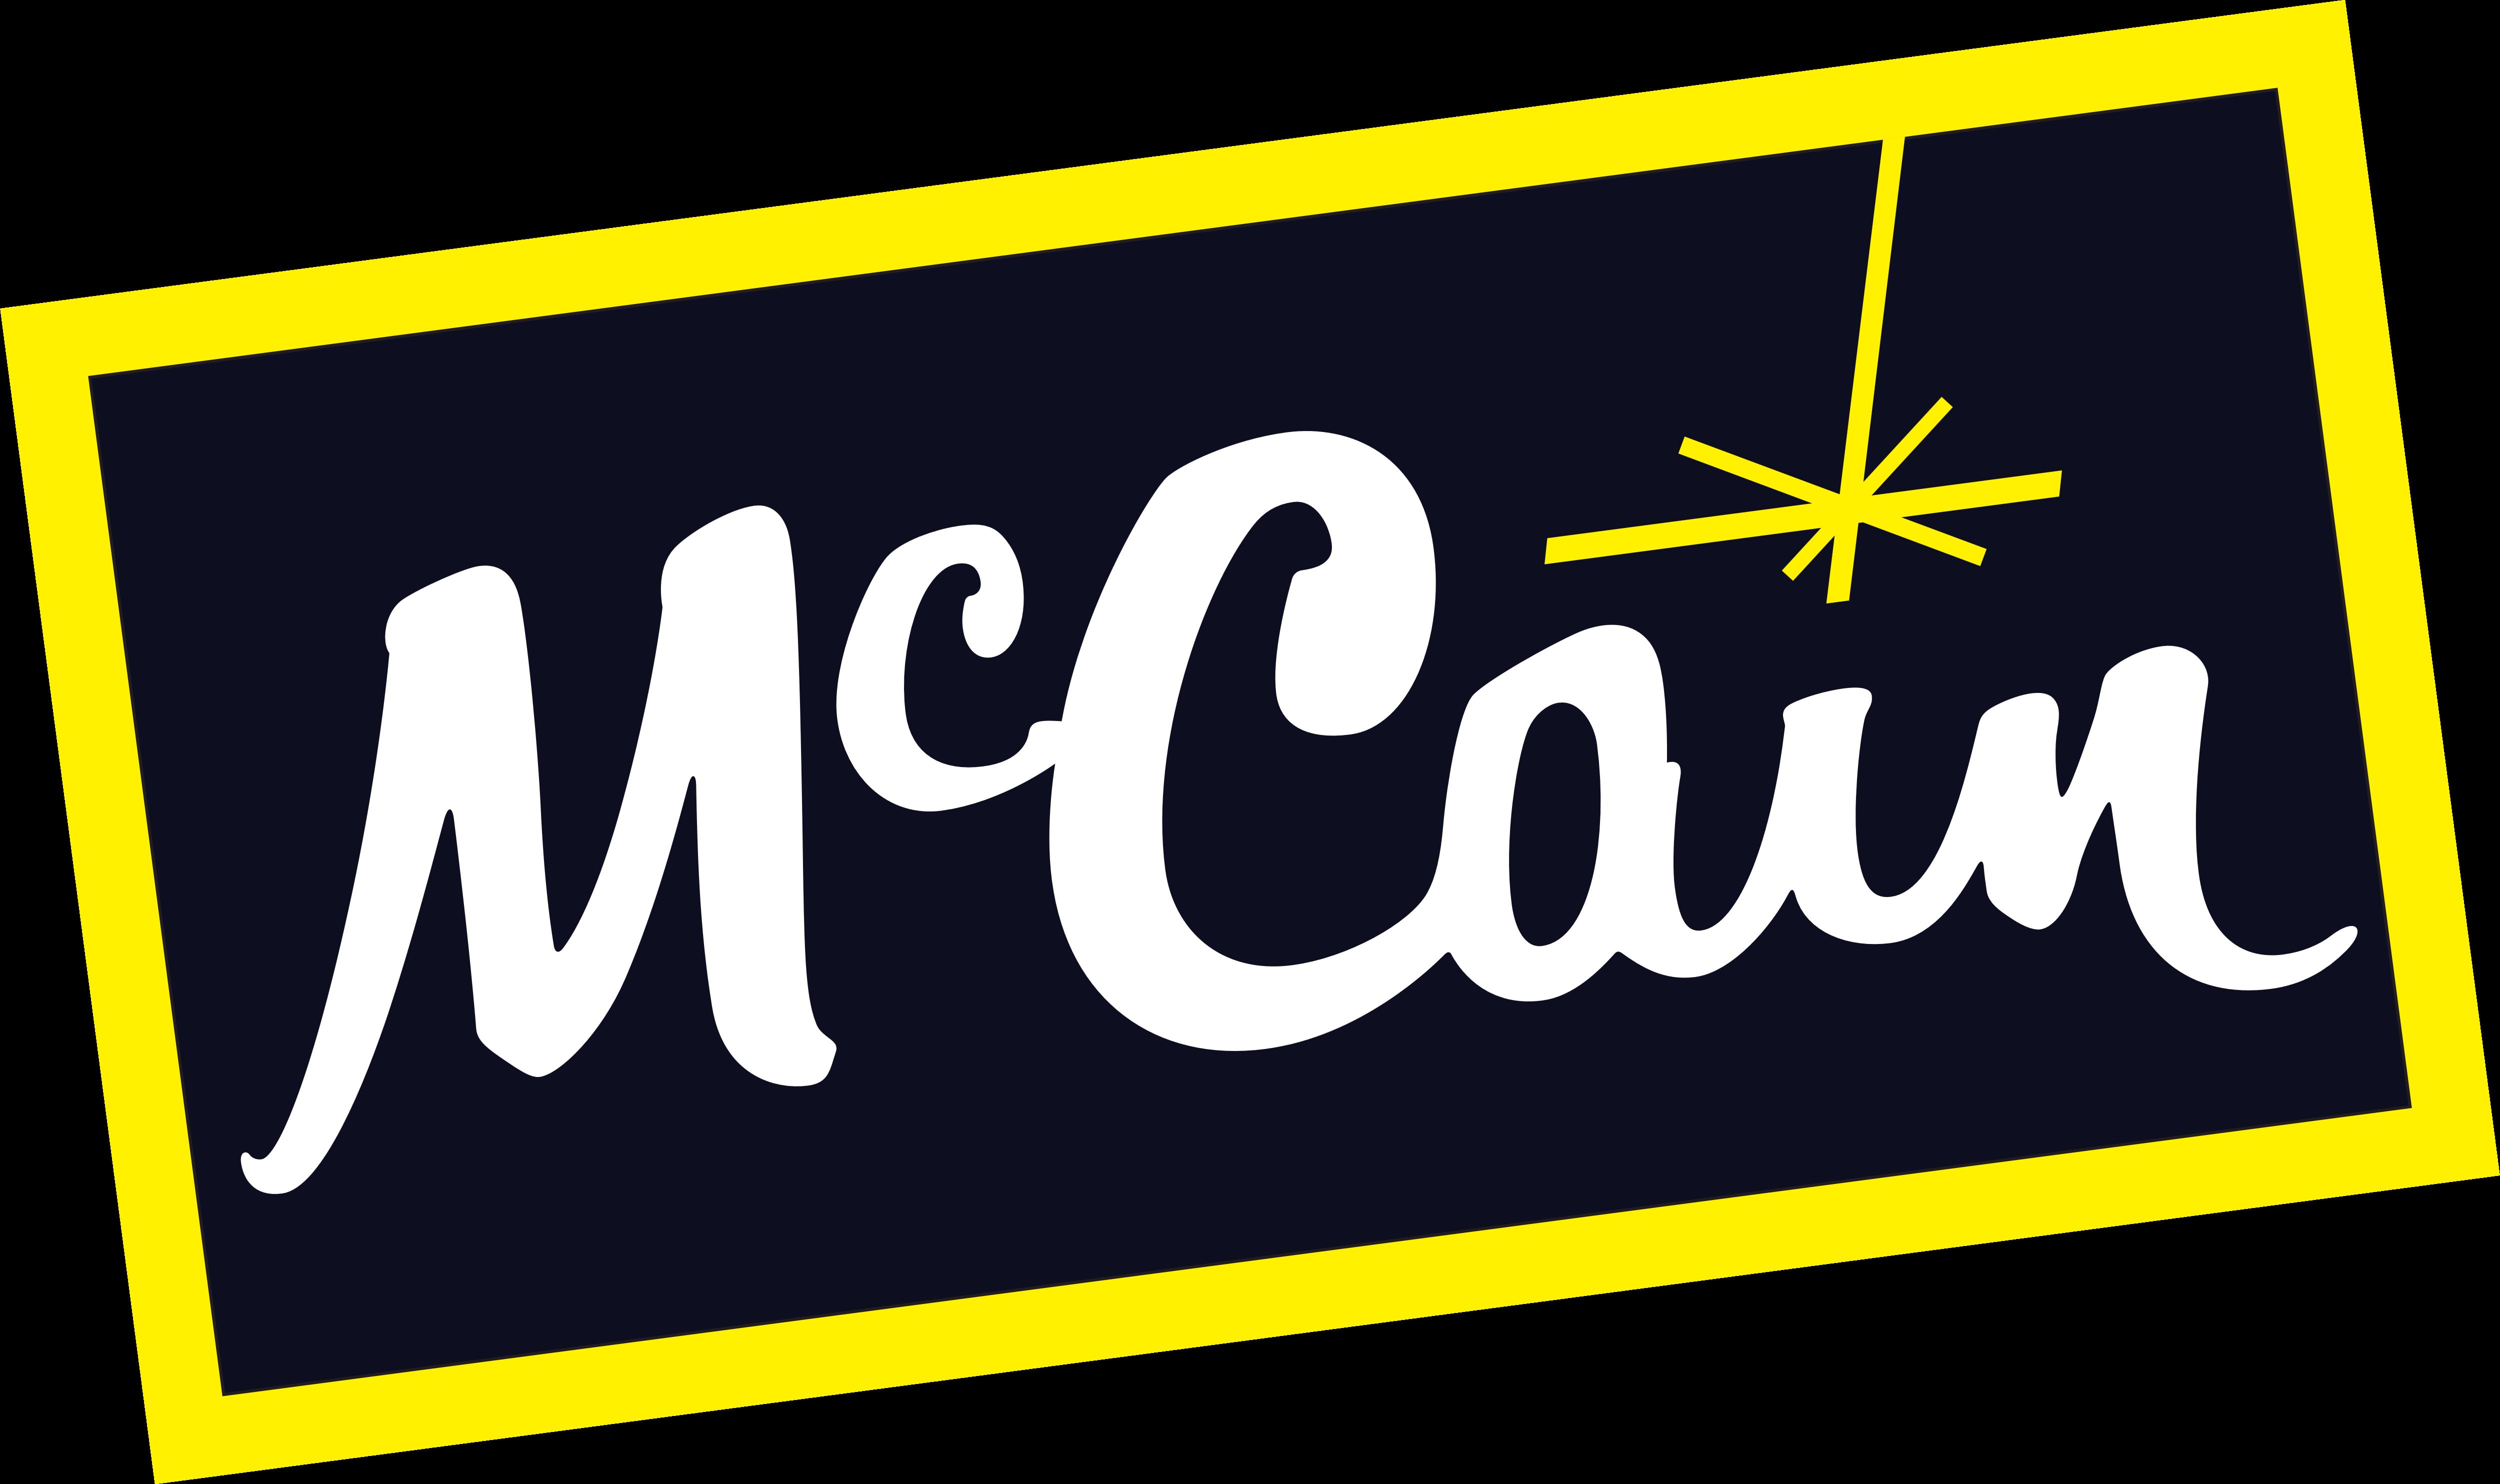 mccain logos download coca cola vector logo free download coca cola life logo vector